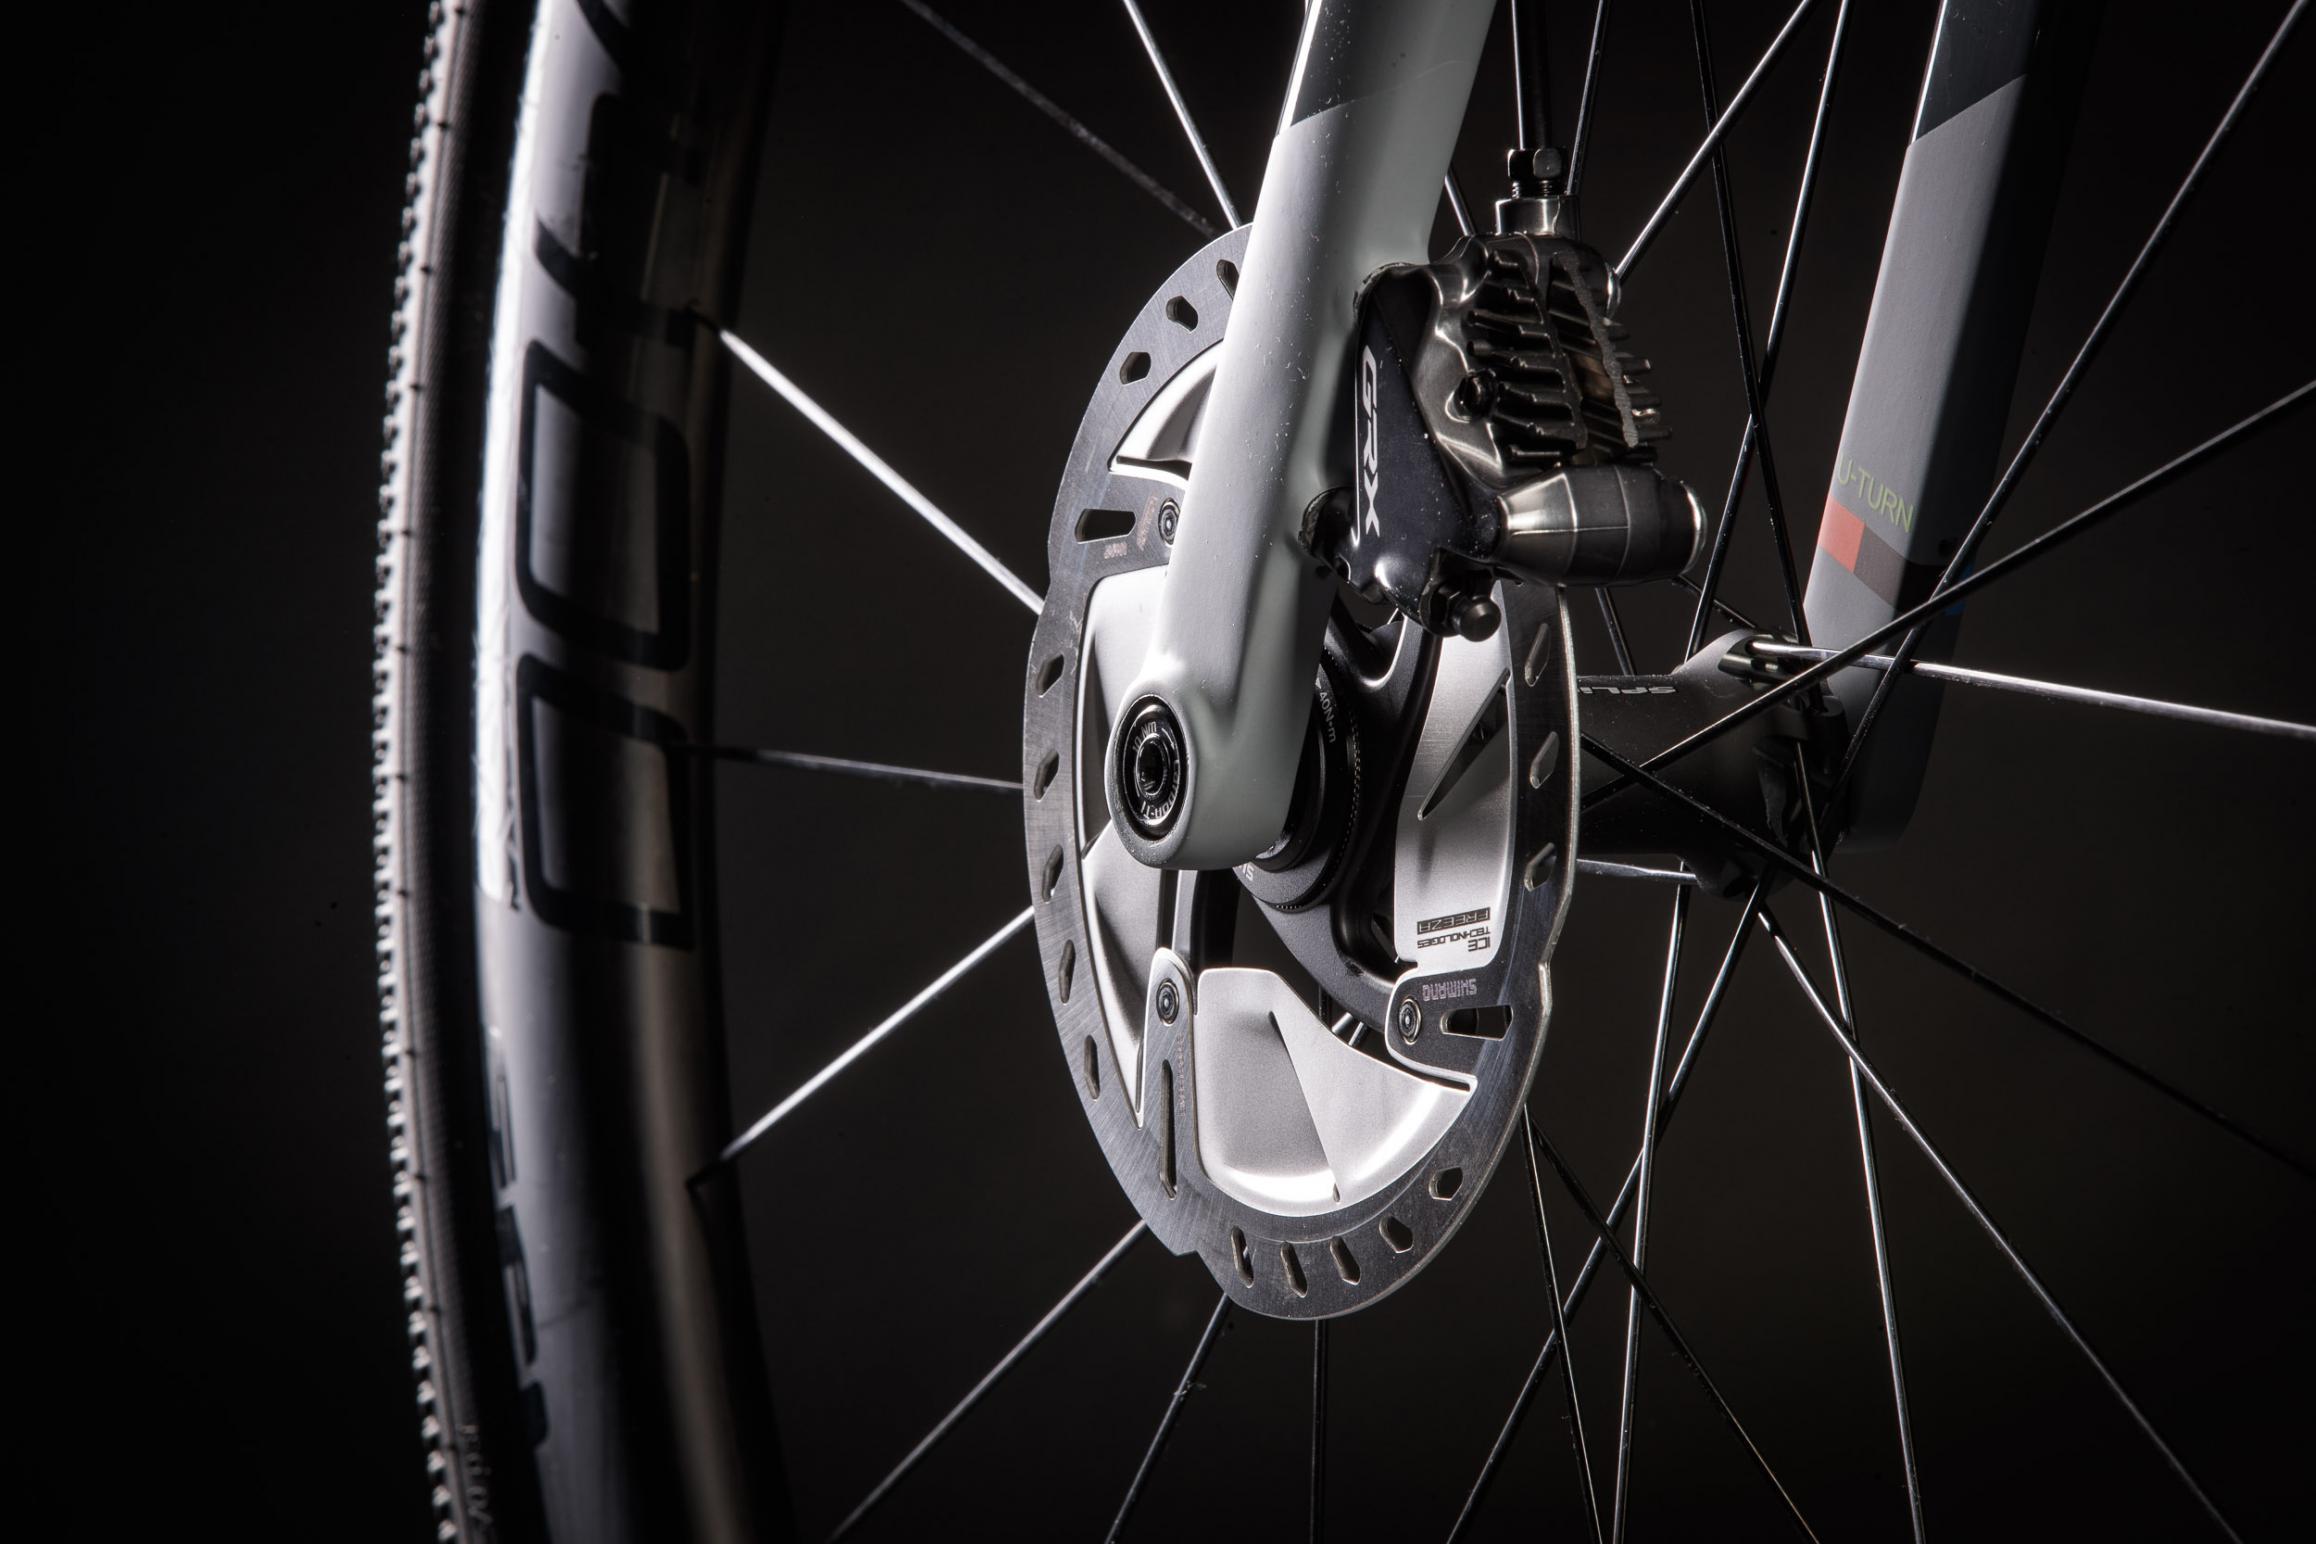 SMART-MOUNT 160: Die Flatmount-Bremssättel werden direkt an der Gabel bzw. am Rahmen befestigt und für 160-mm-Scheiben positioniert. Ohne jeglichen Adaptern oder Distanzscheiben.